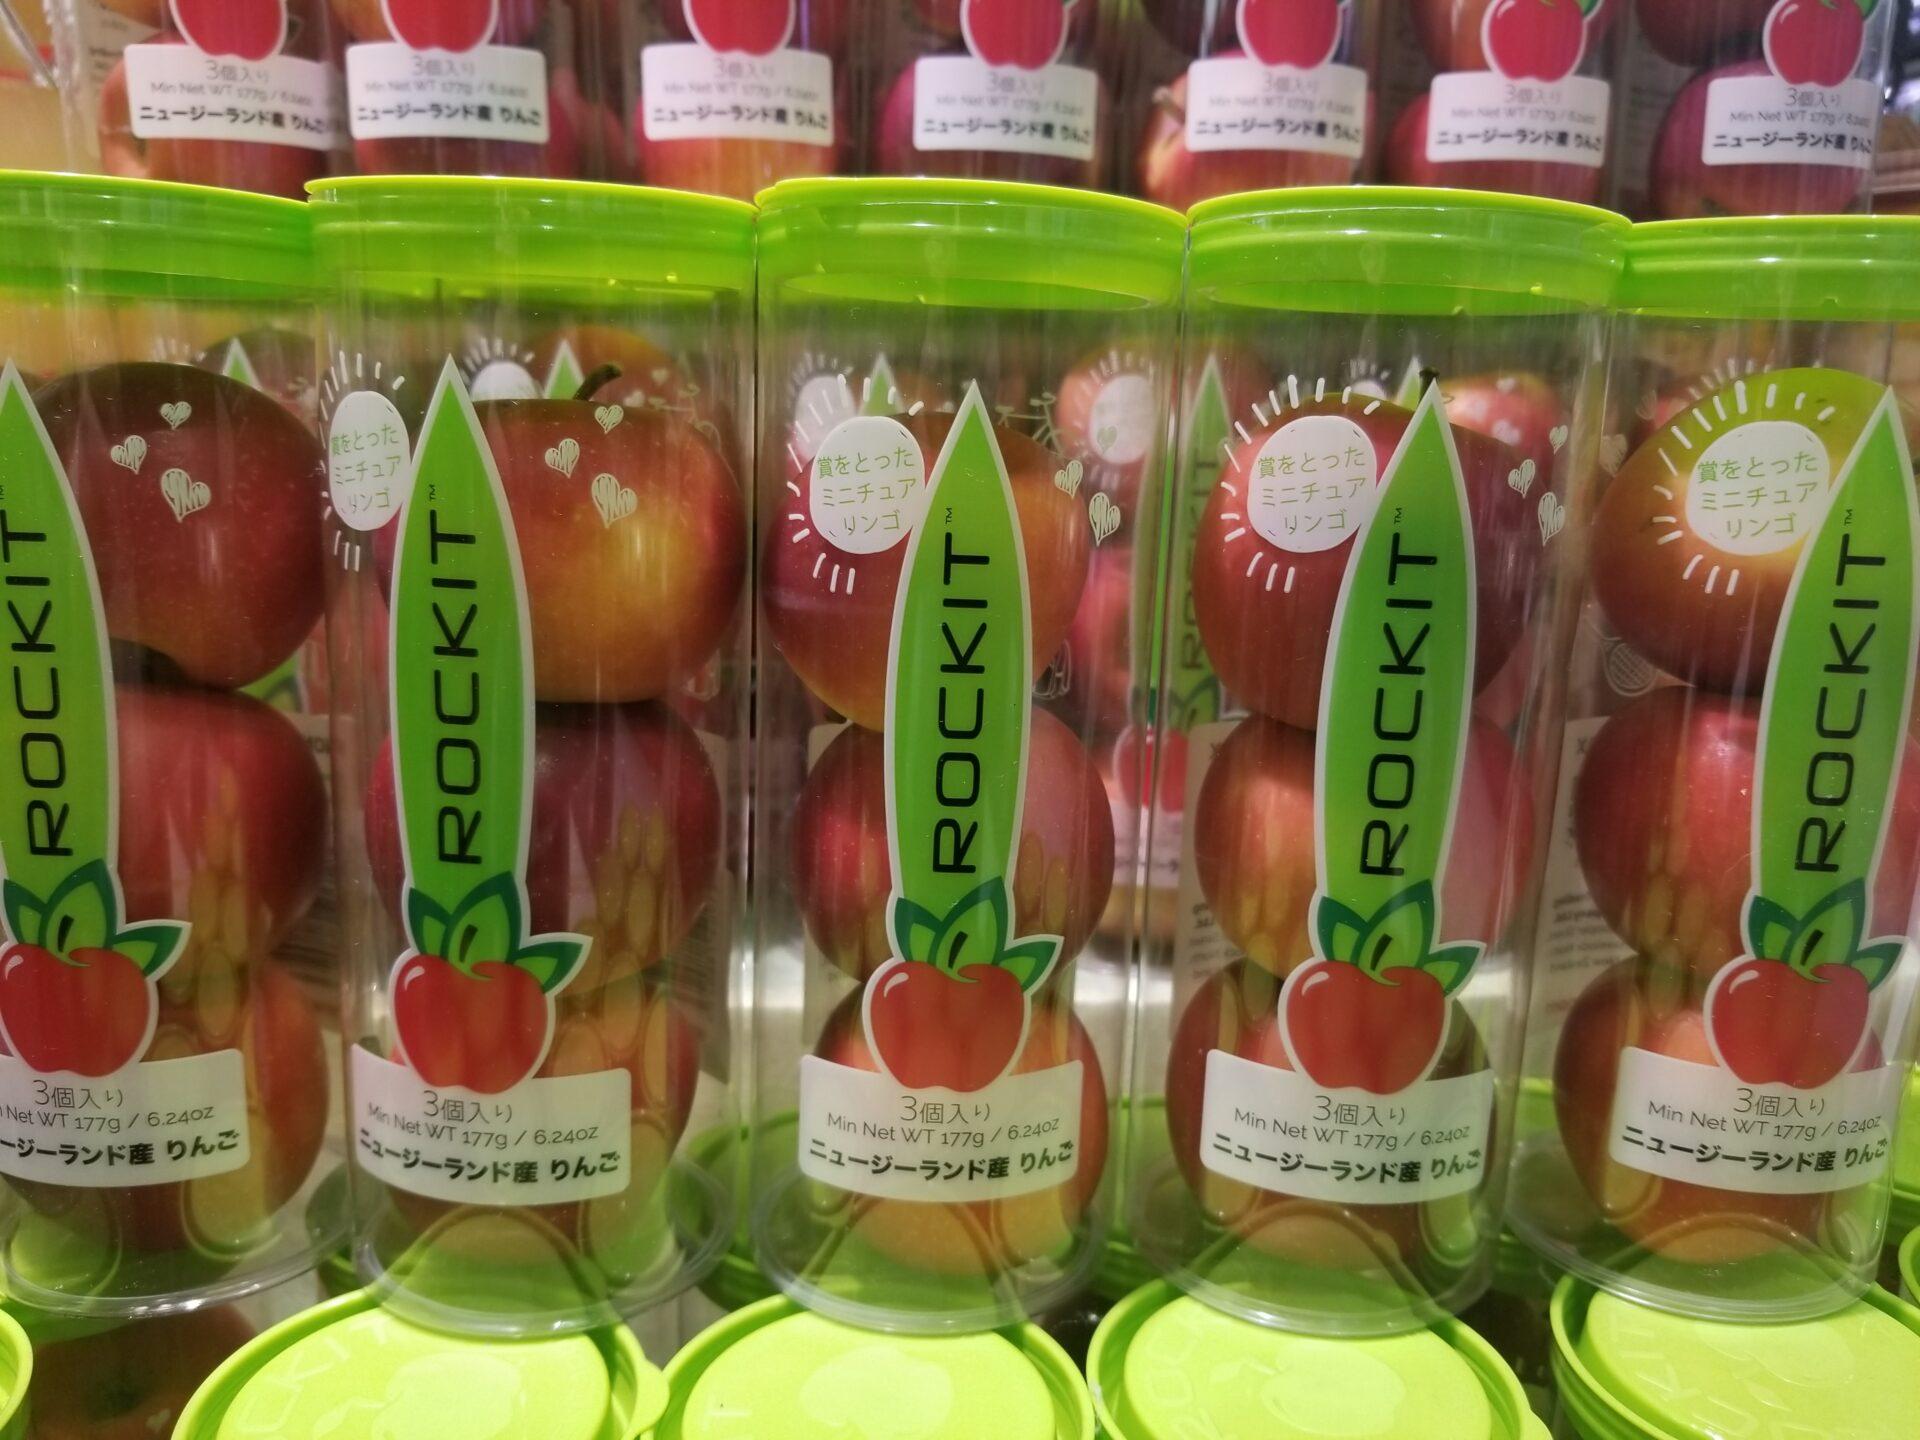 ニュージーランド産ロキットアップルってどんな特徴のりんご? 味は美味しいの?